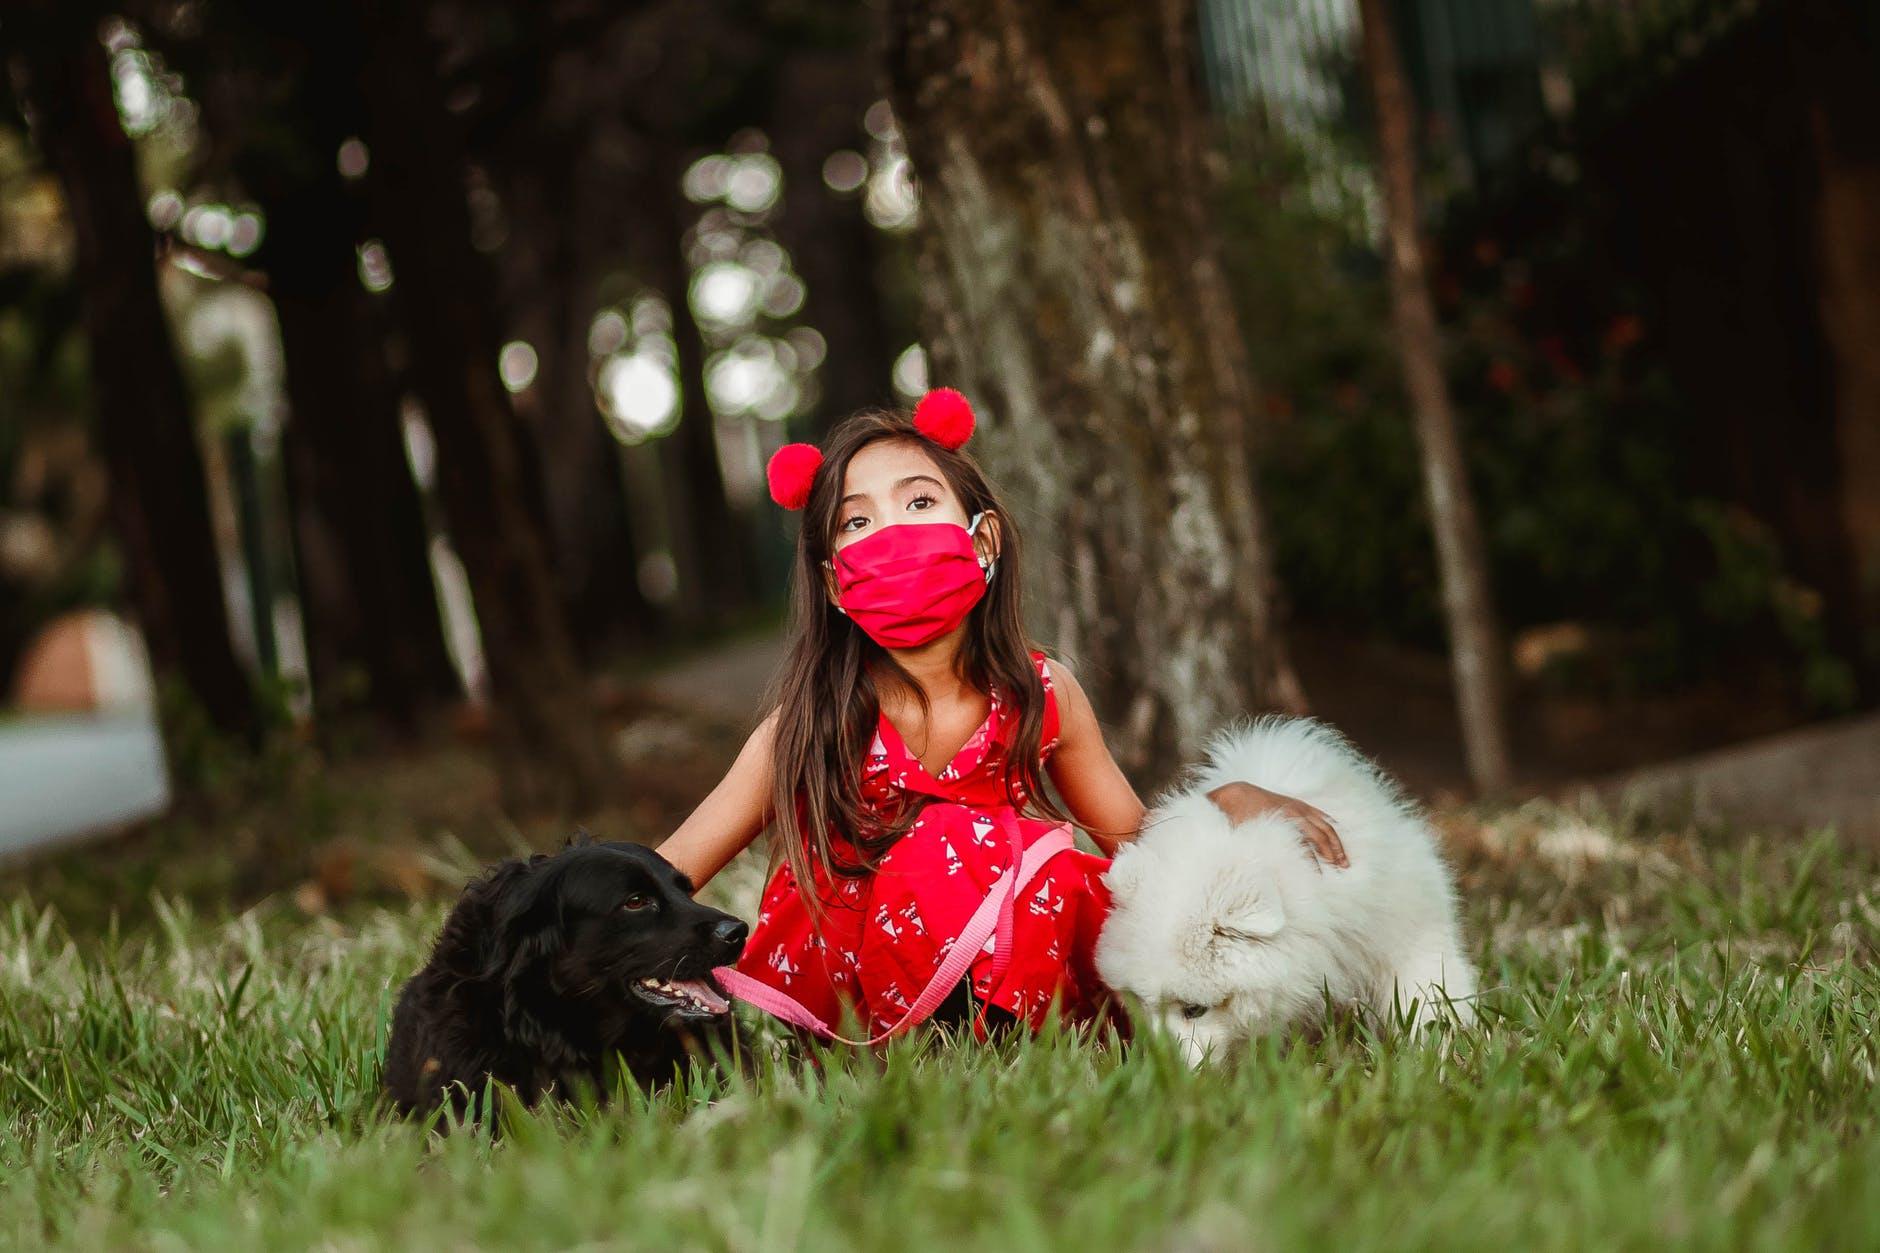 Dr Hoffman- Τρομερές αποκαλύψεις για τις μάσκες στα παιδιά και τις συνέπειες της χρήσης τους σε αυτά